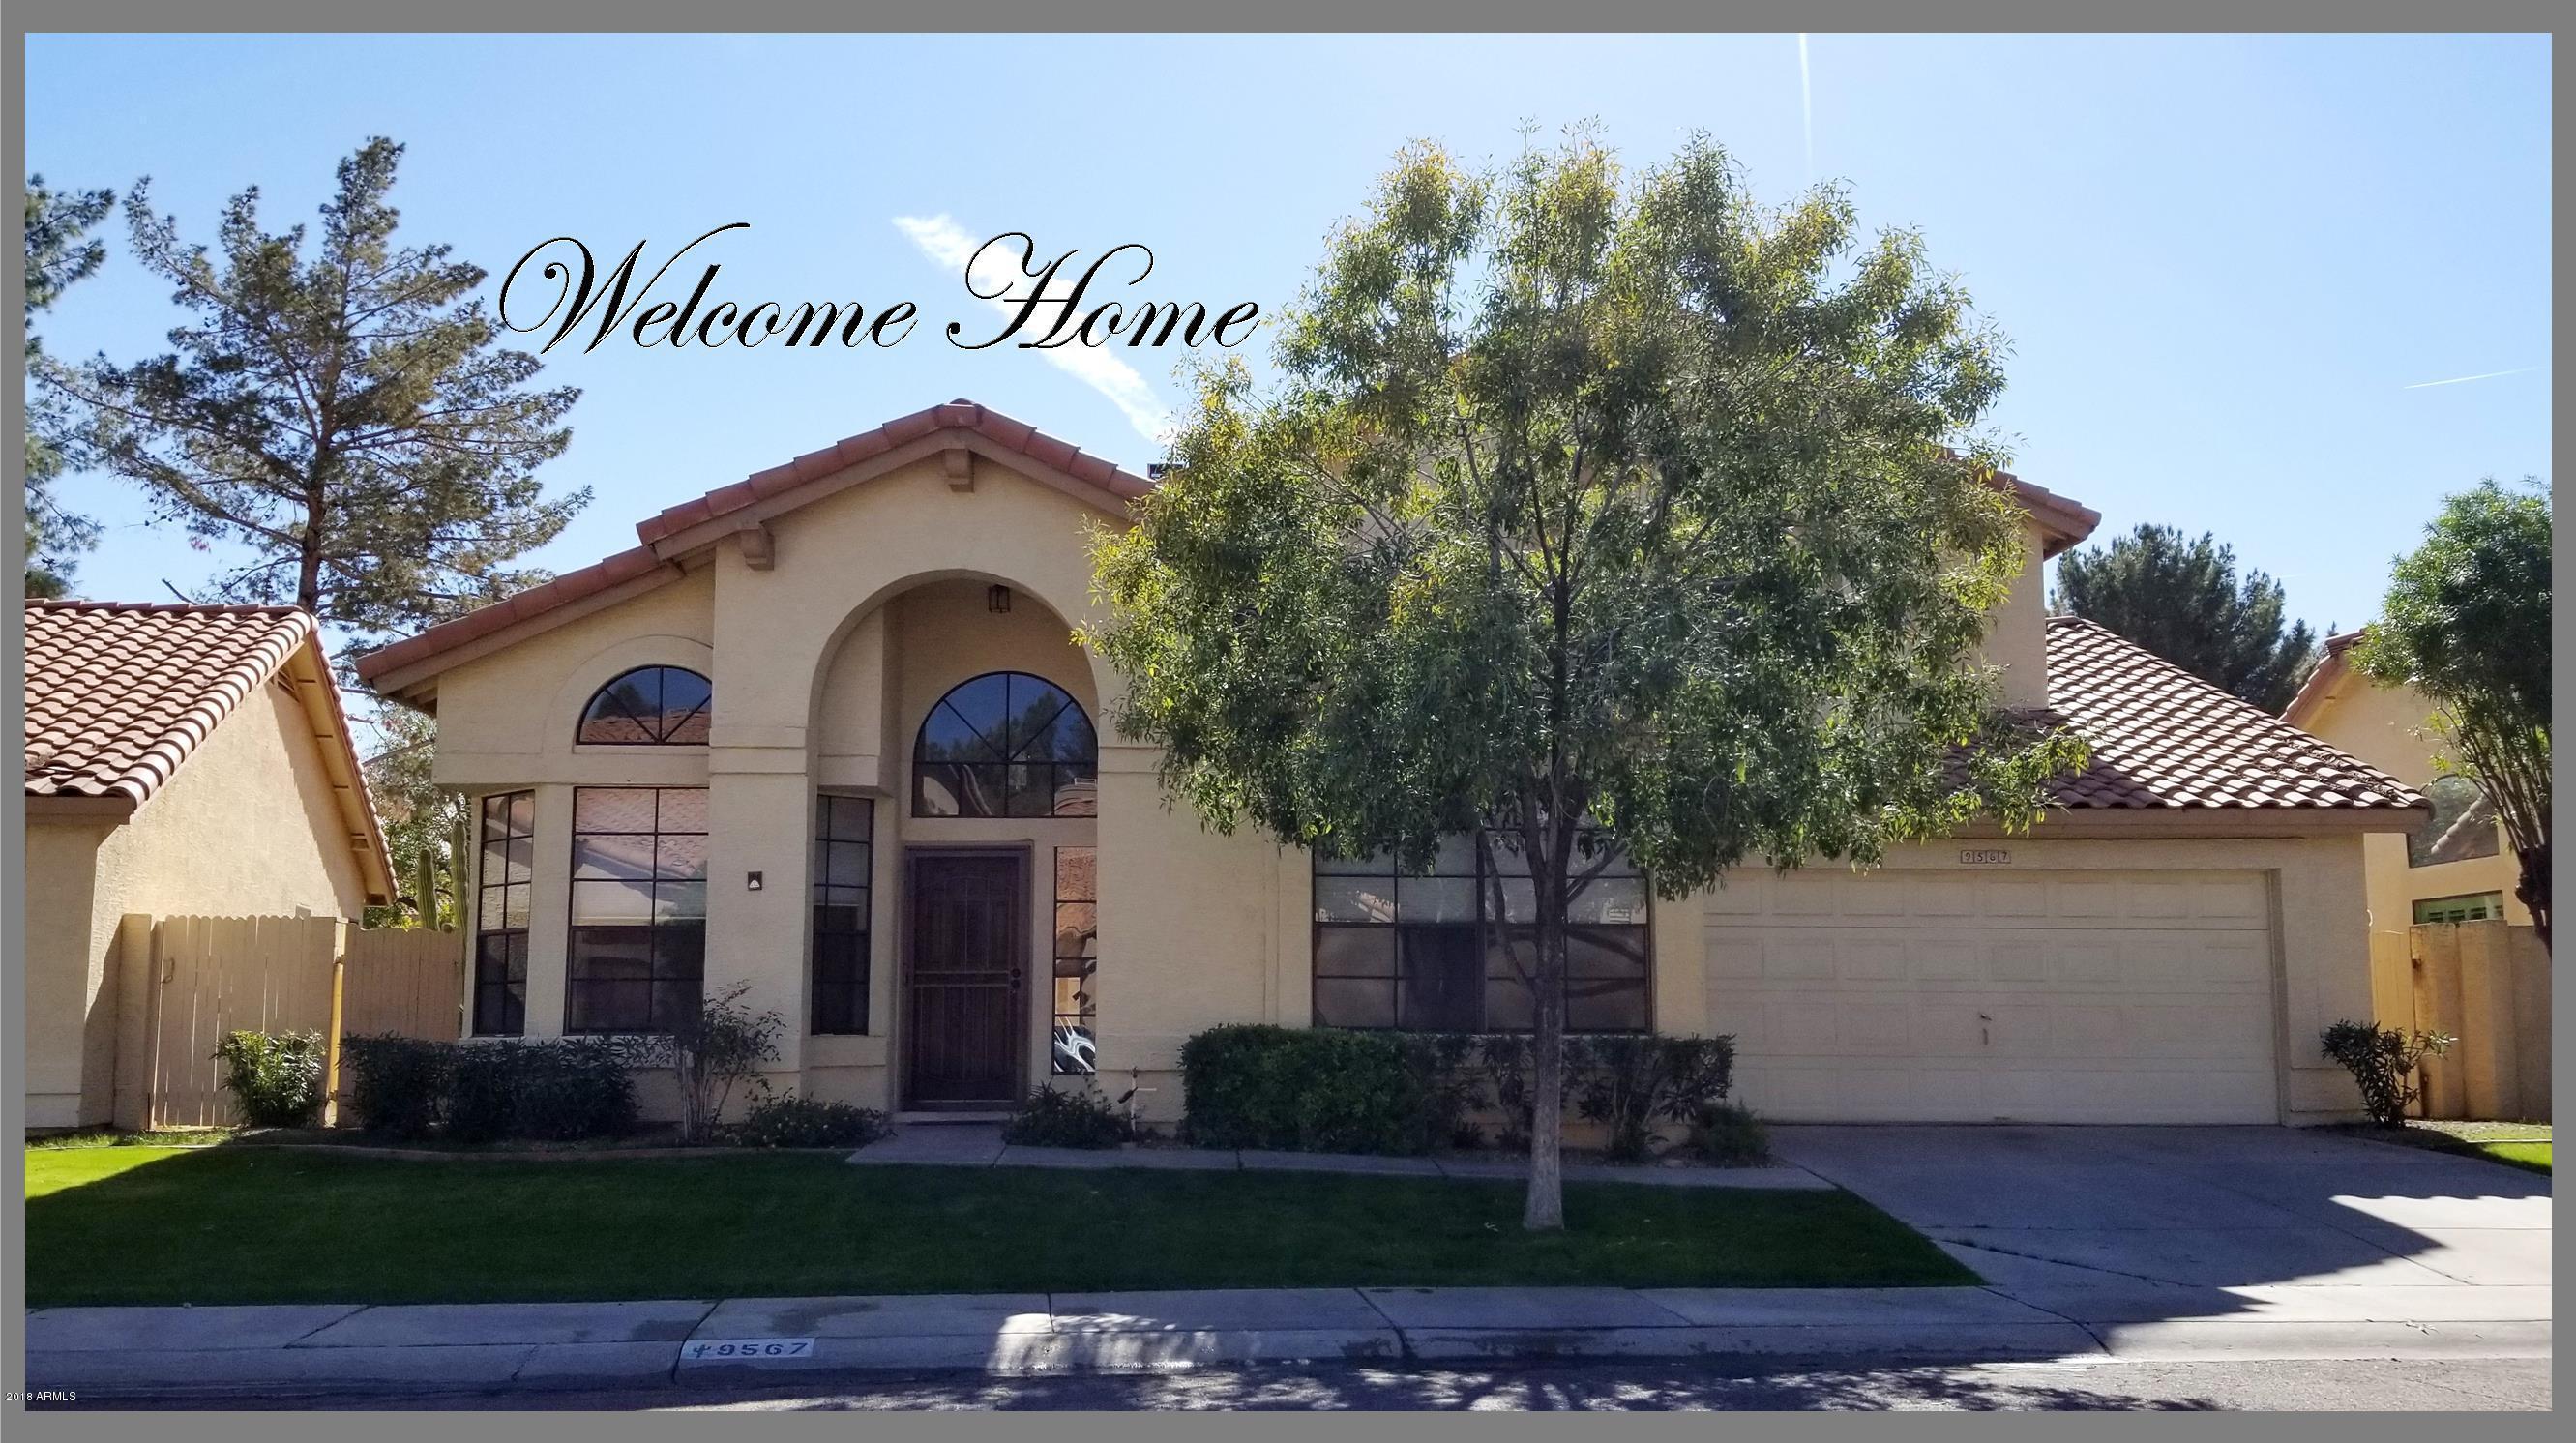 9567 S ASH Avenue, Tempe, AZ 85284 - Metro Phoenix Home Sales